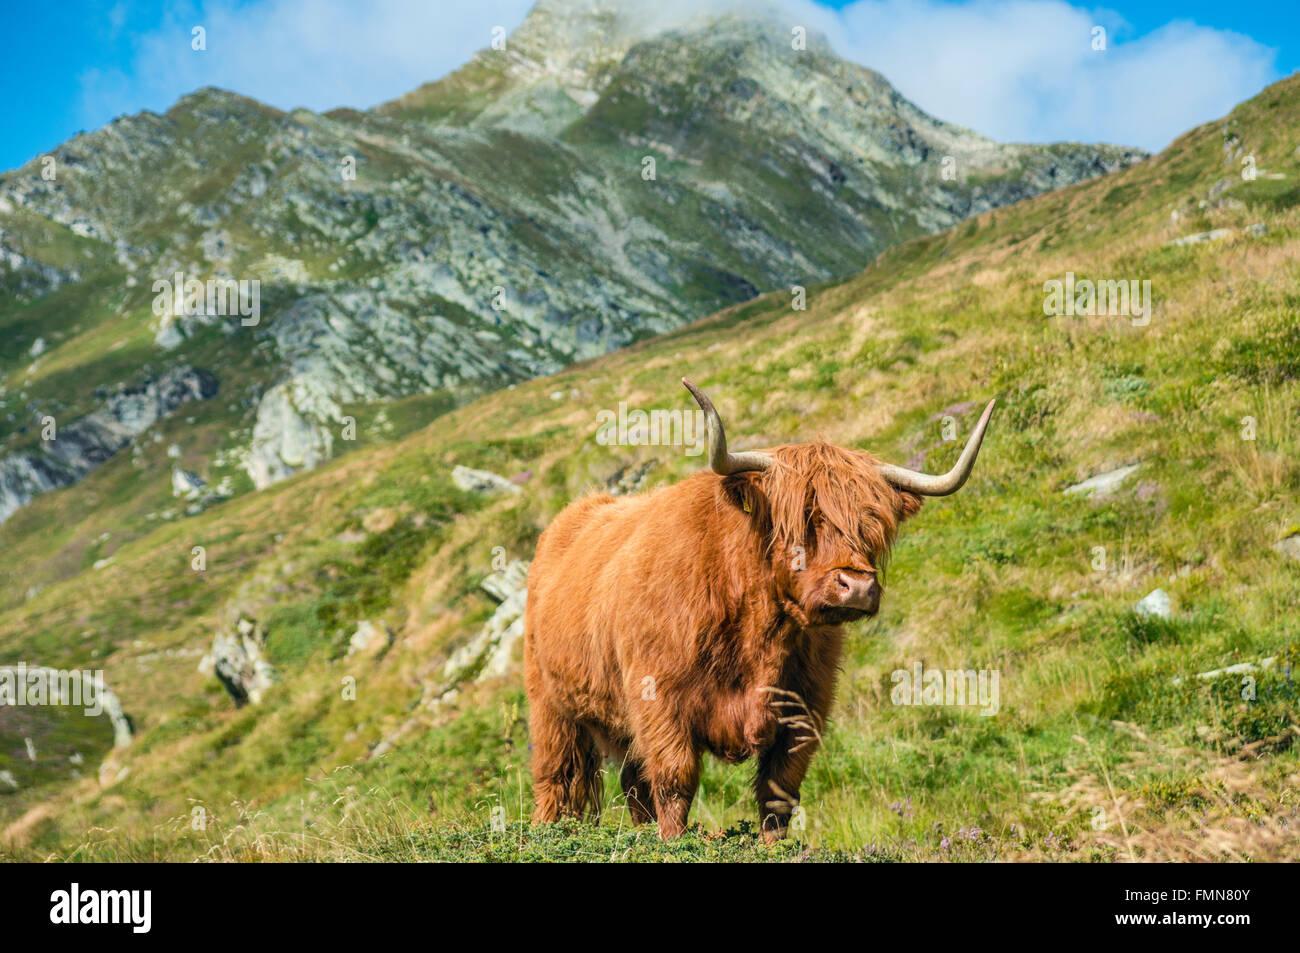 Scottish Highland Cattle on a meadow, Grisons, Switzerland | Schottische Highland Kuh im Fruehling auf einer Weide, - Stock Image